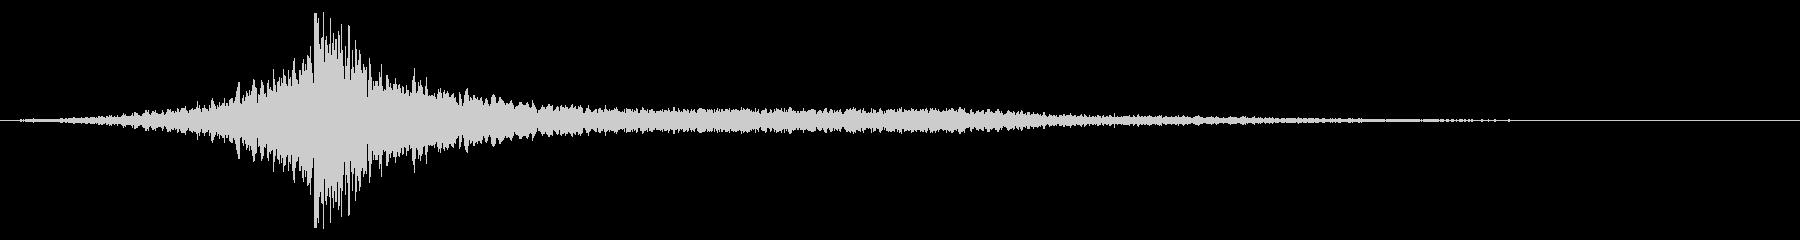 ホラー系アタック音57の未再生の波形